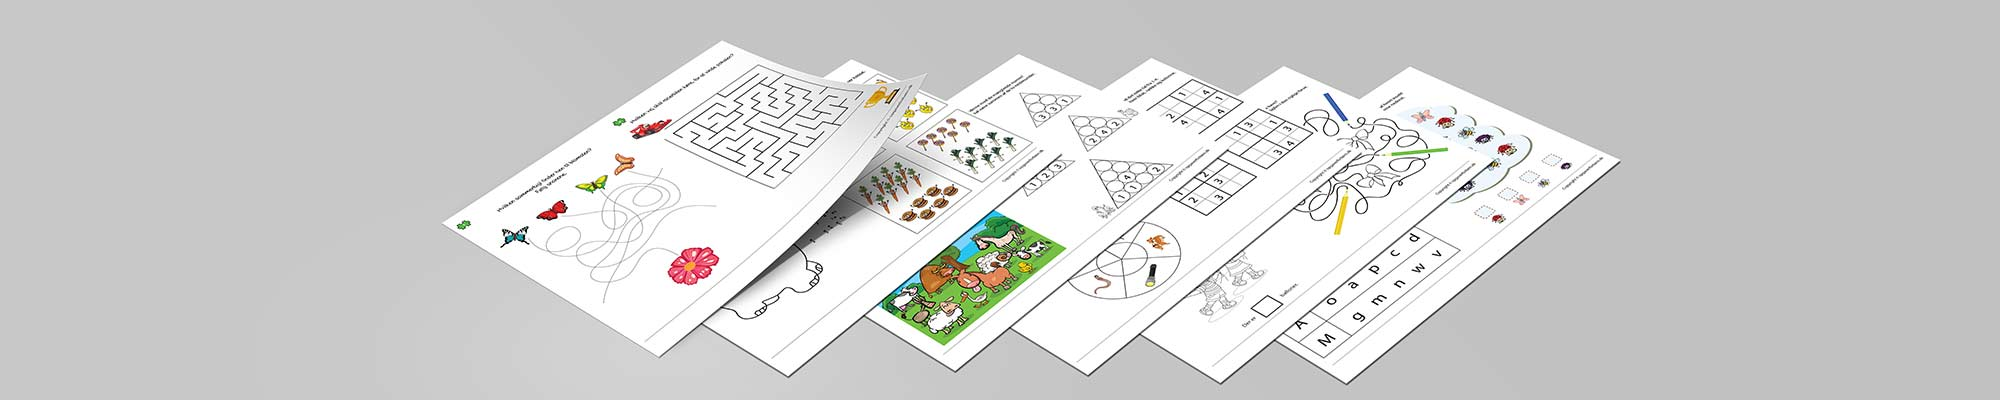 Gratis print selv opgaver til børn